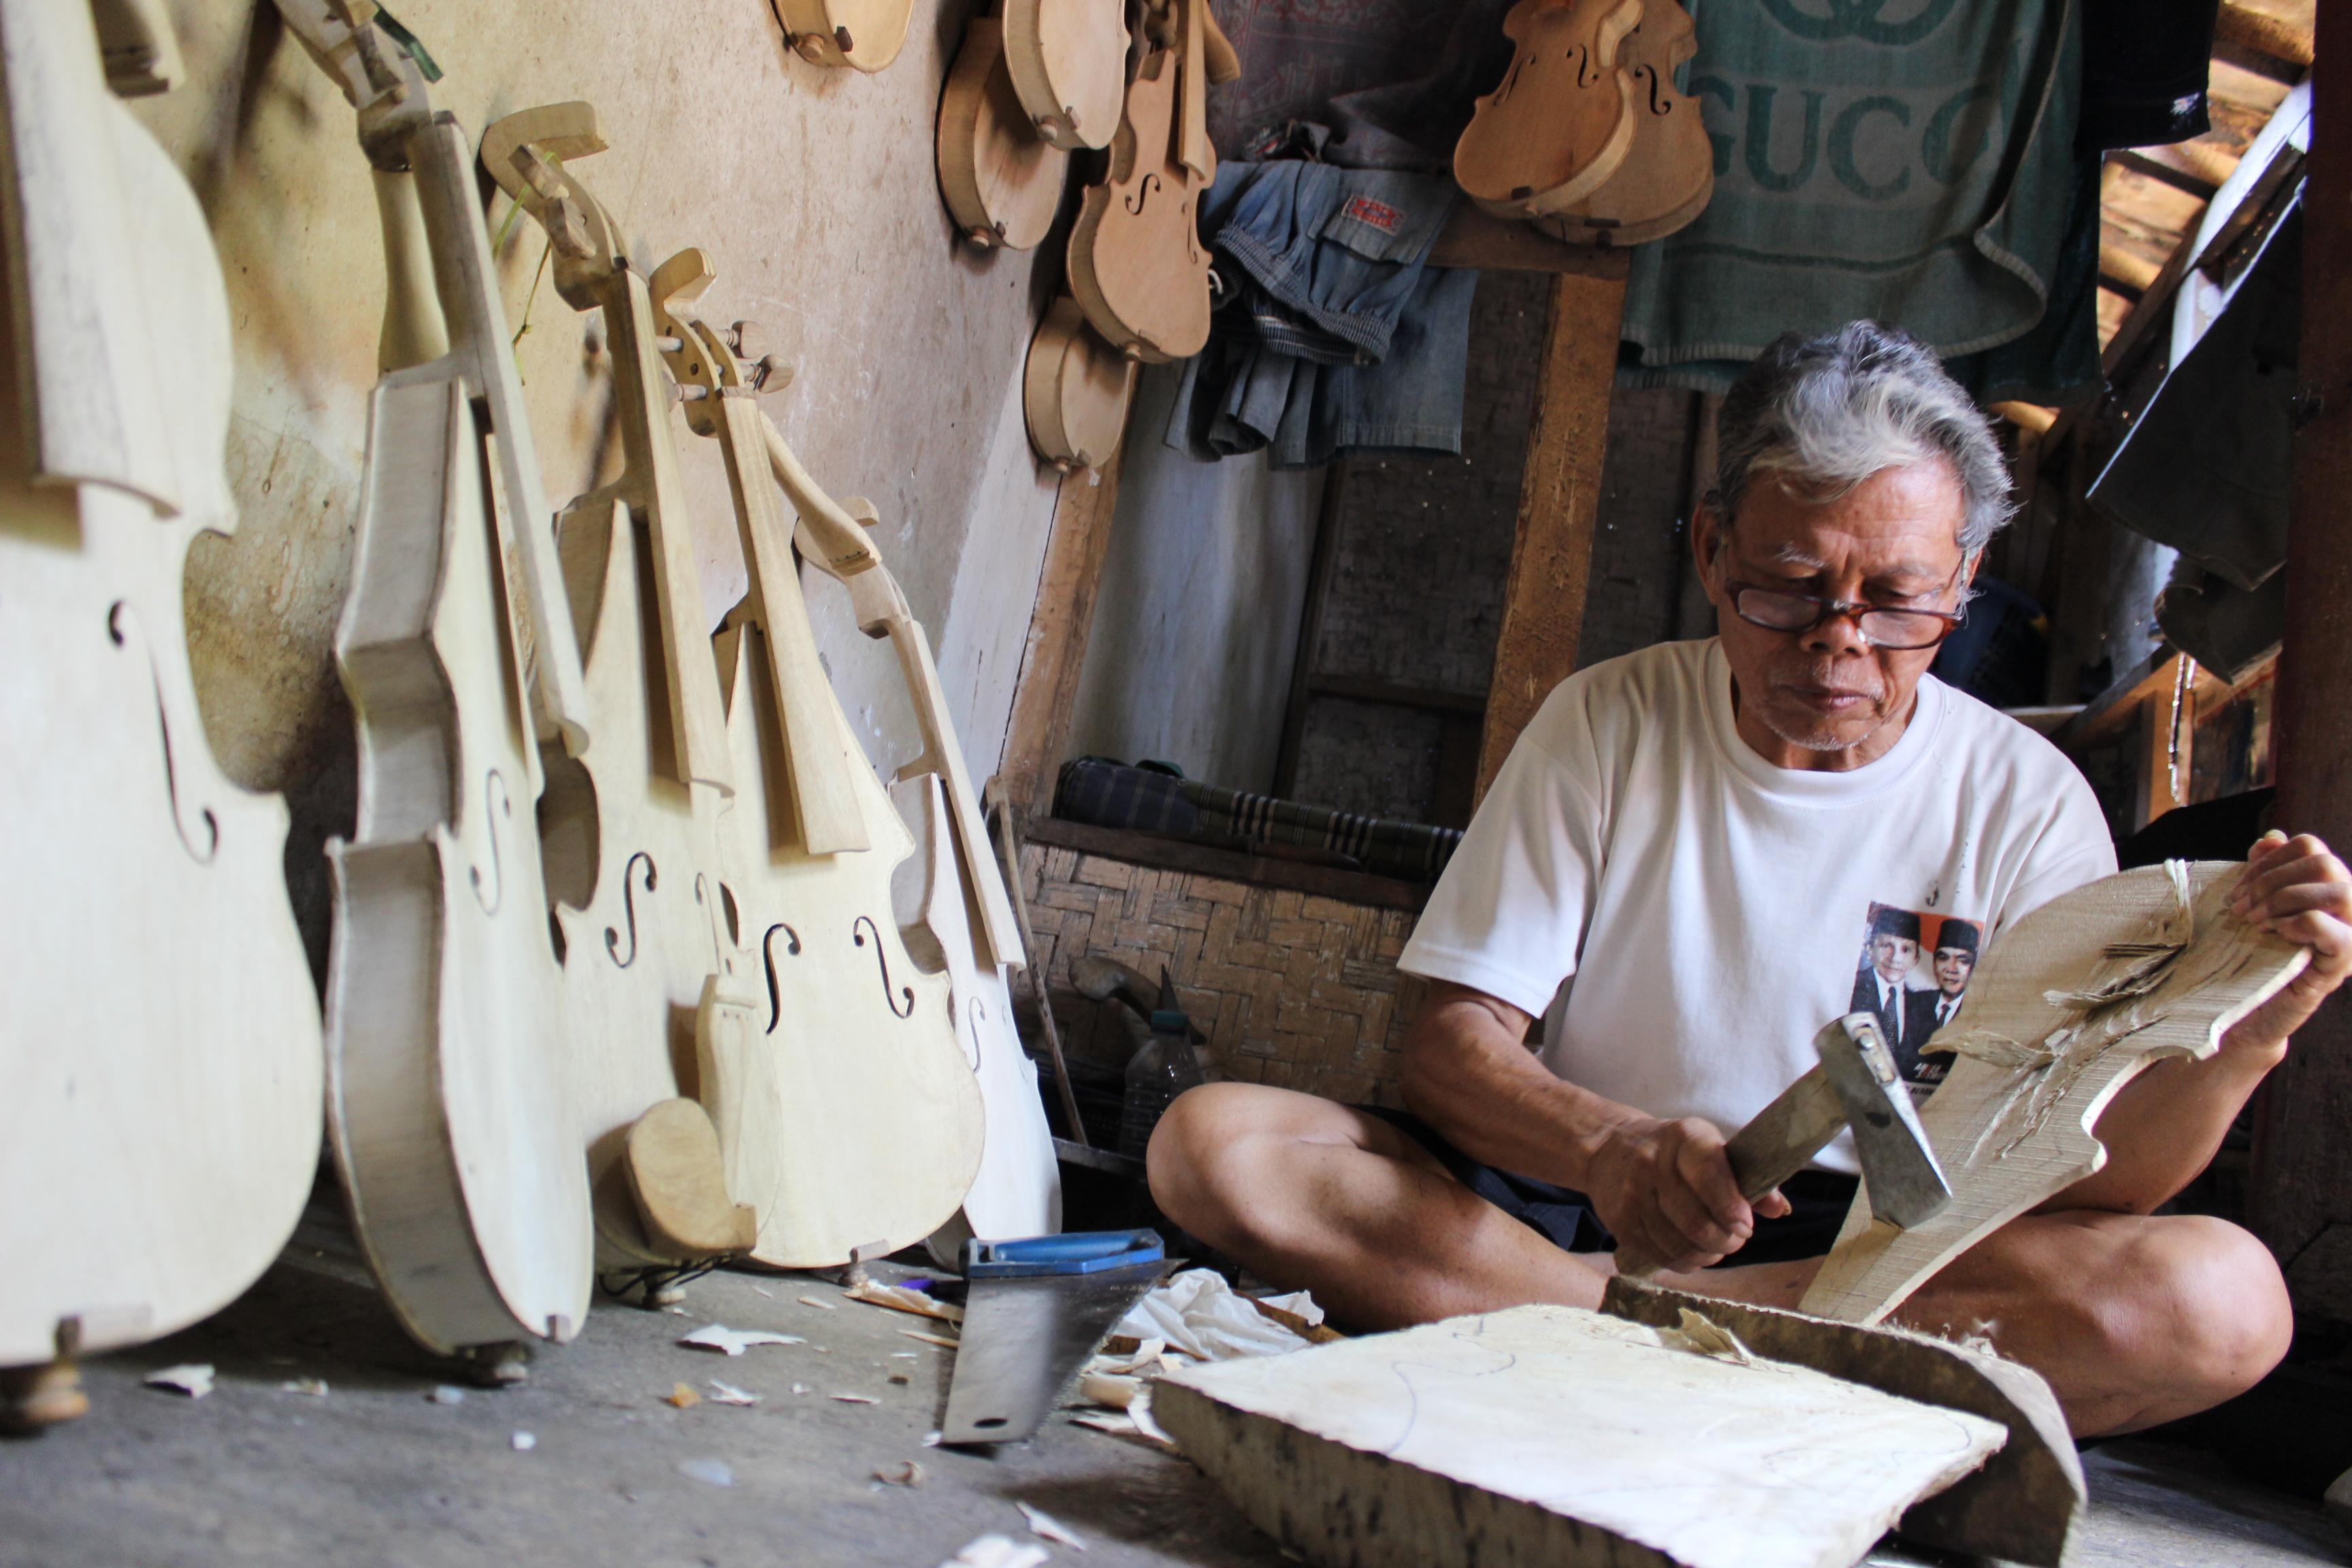 Mustofa sedang membuat biola. Foto Guruh/pojoksatu.id